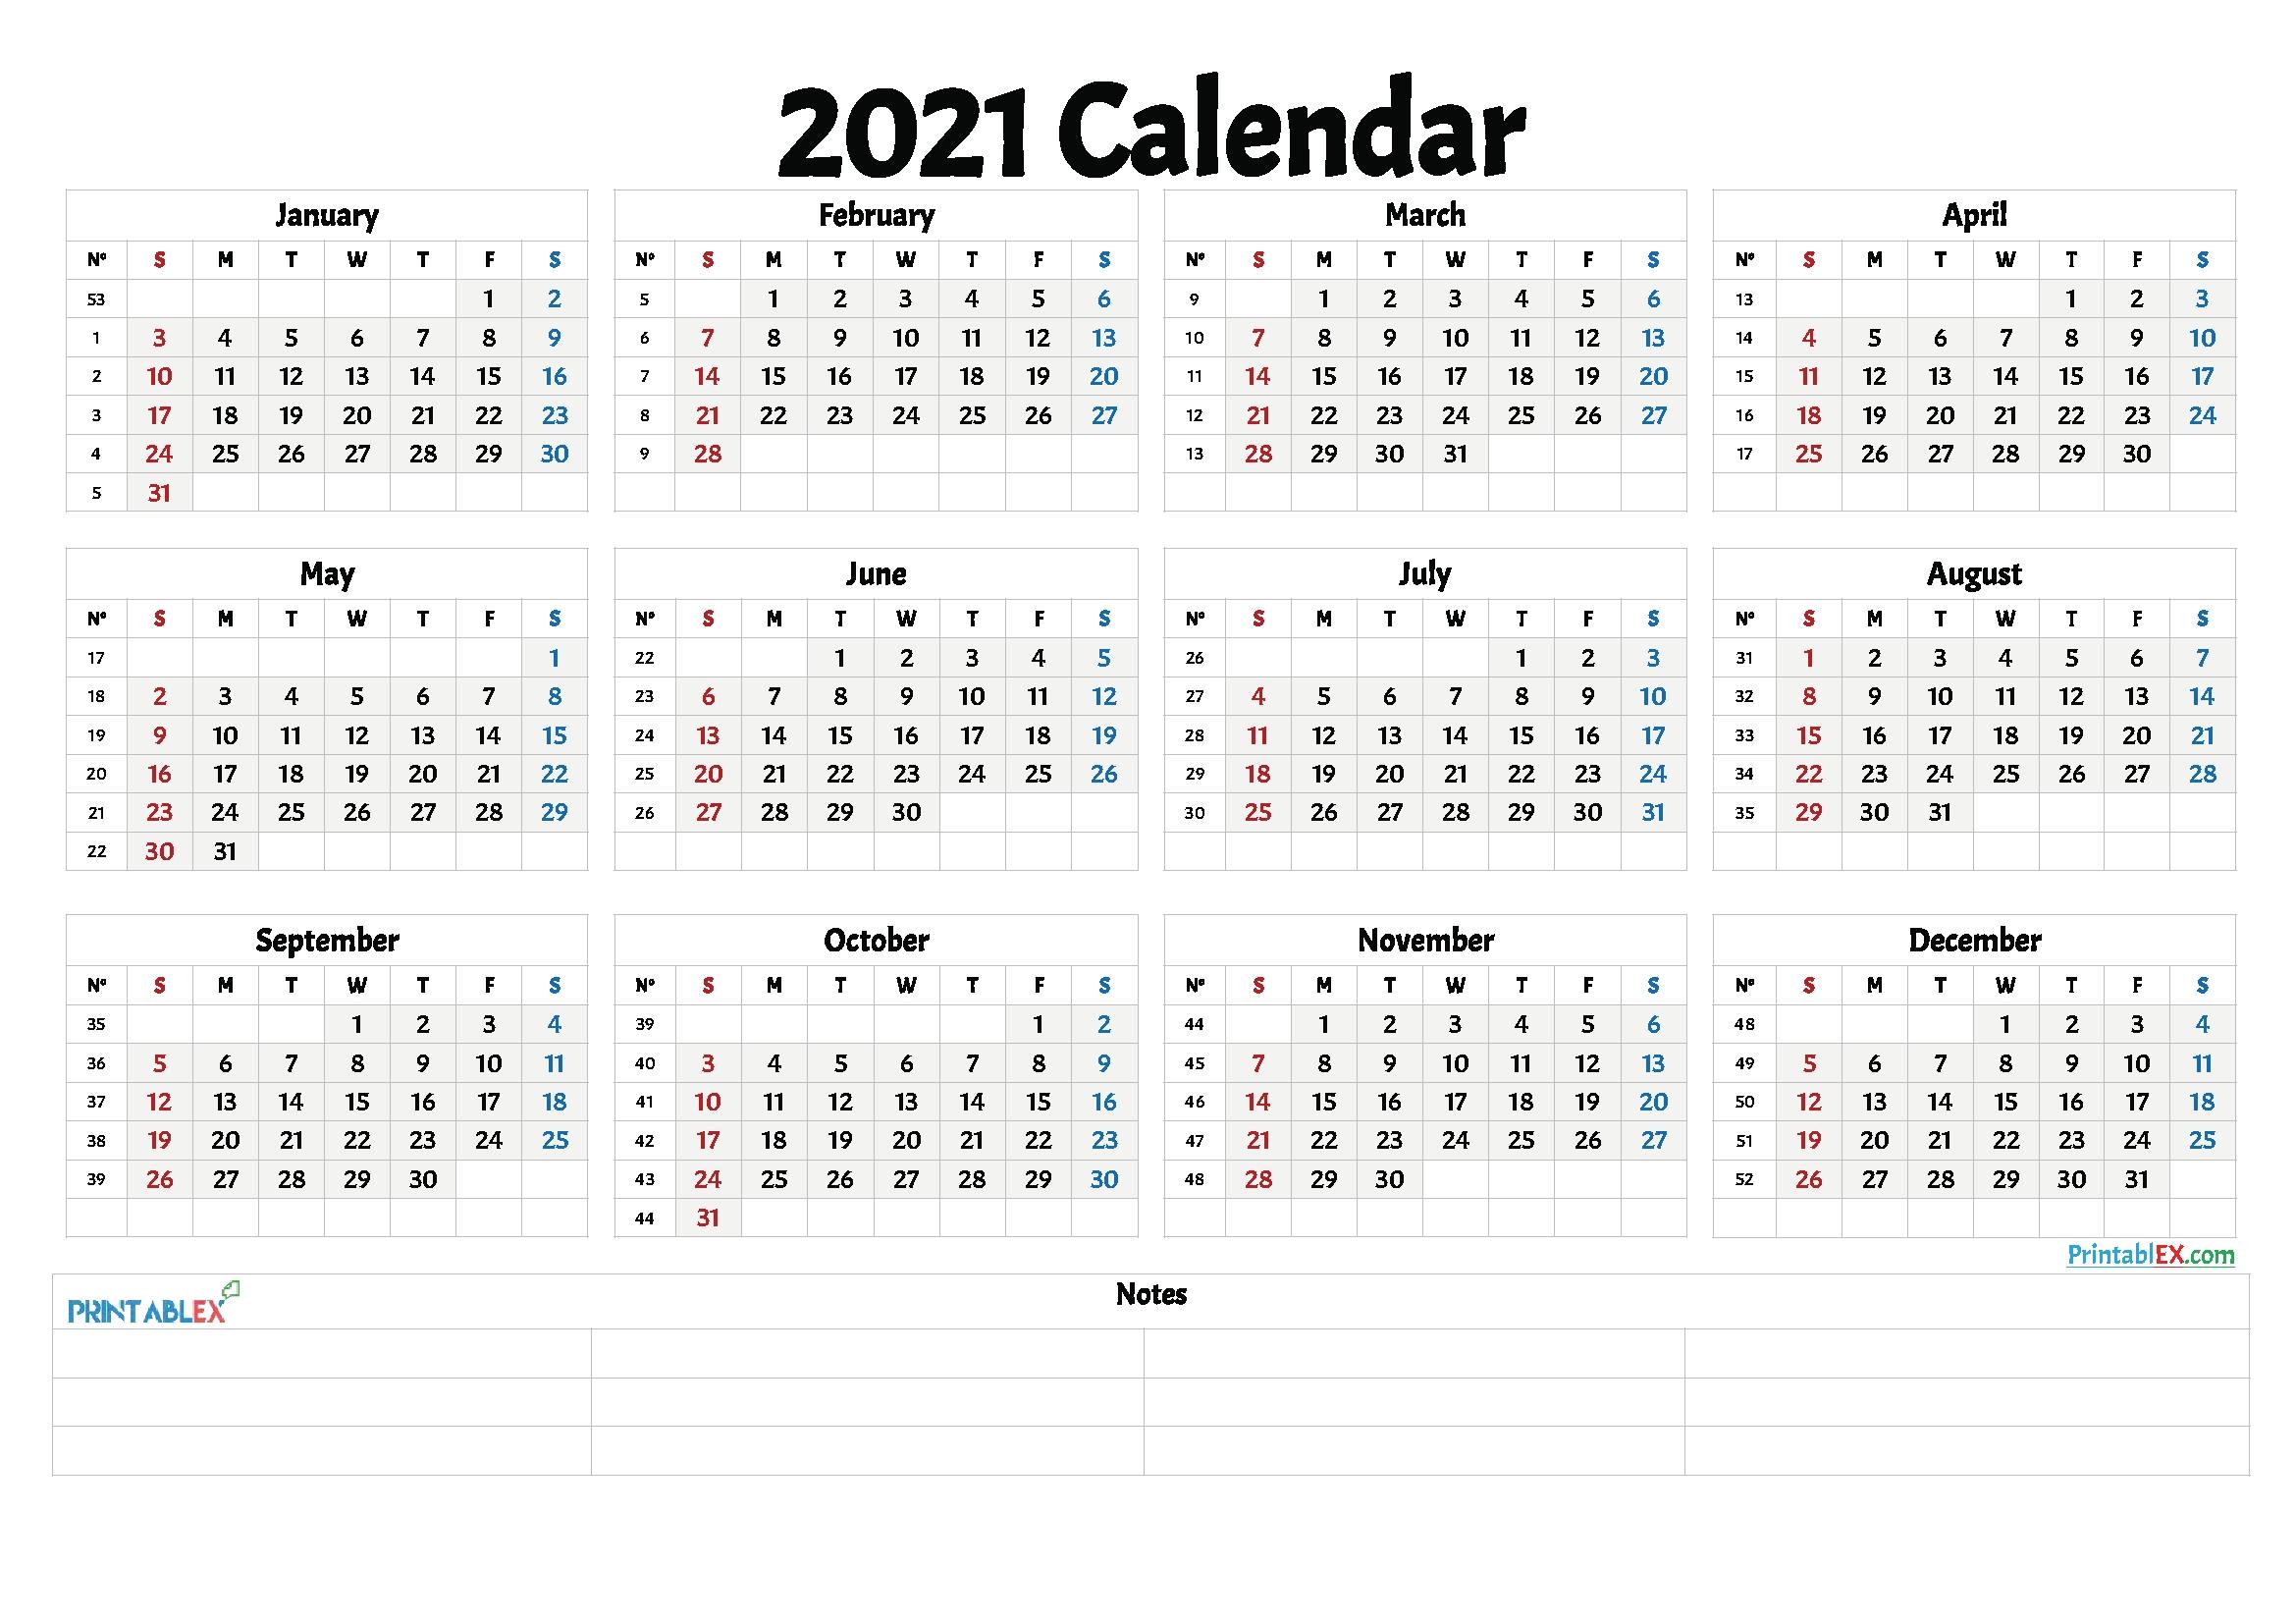 2021 Calnder By Week No Excel | Calendar Template Printable